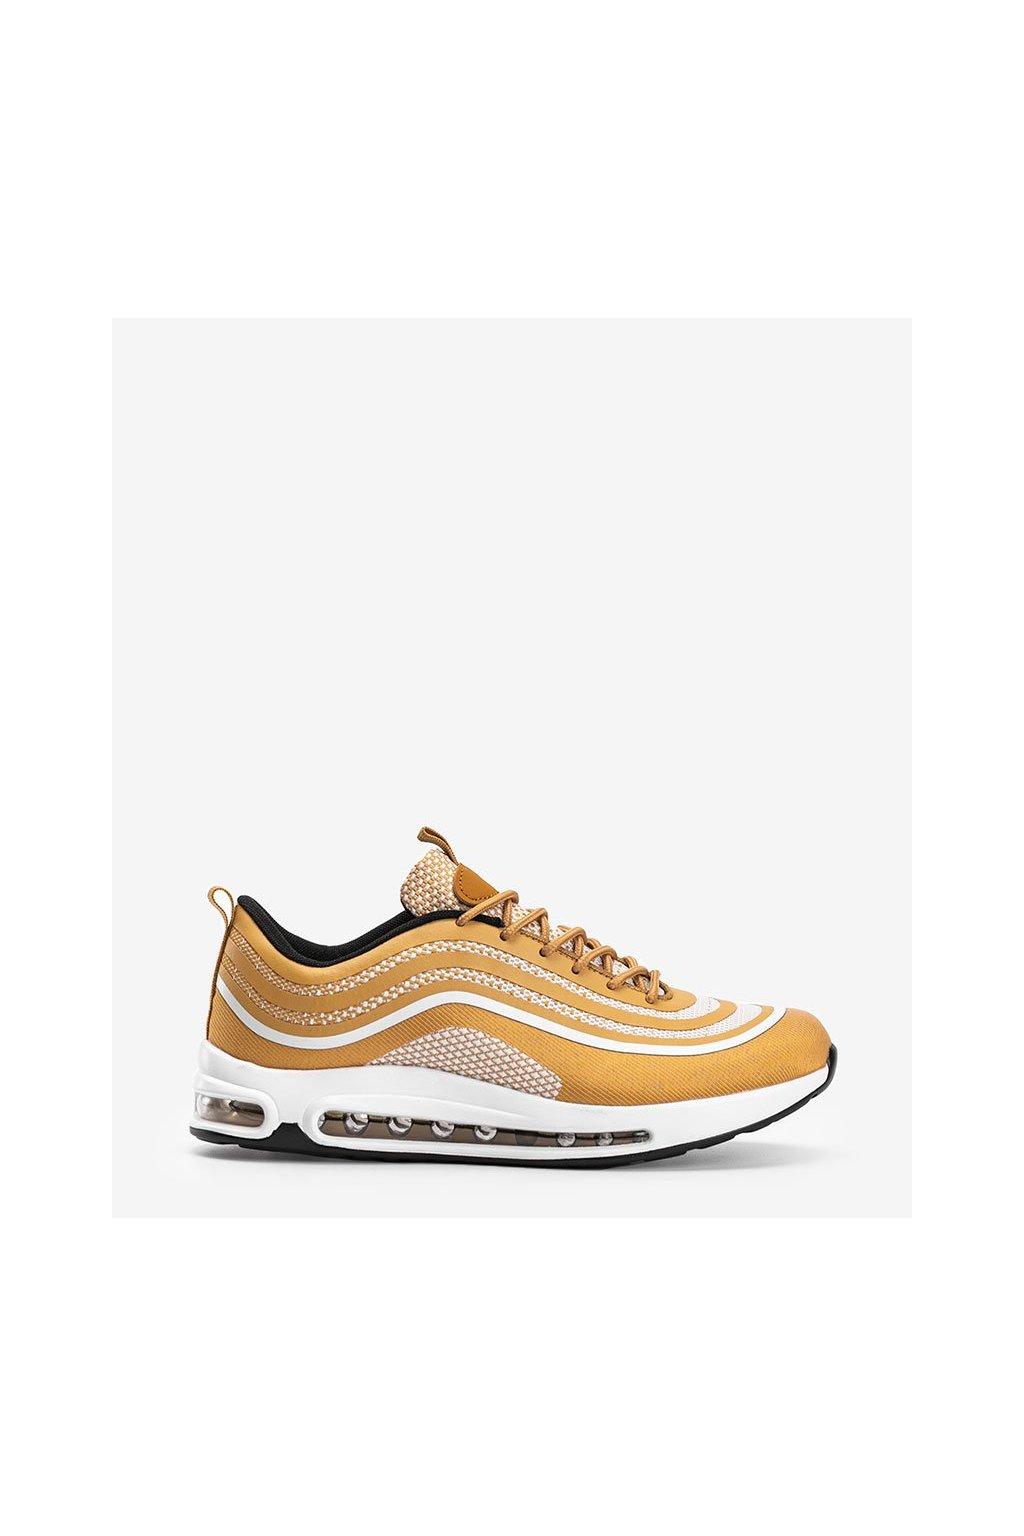 Pánske topánky tenisky žlté kód M3239-16 - GM